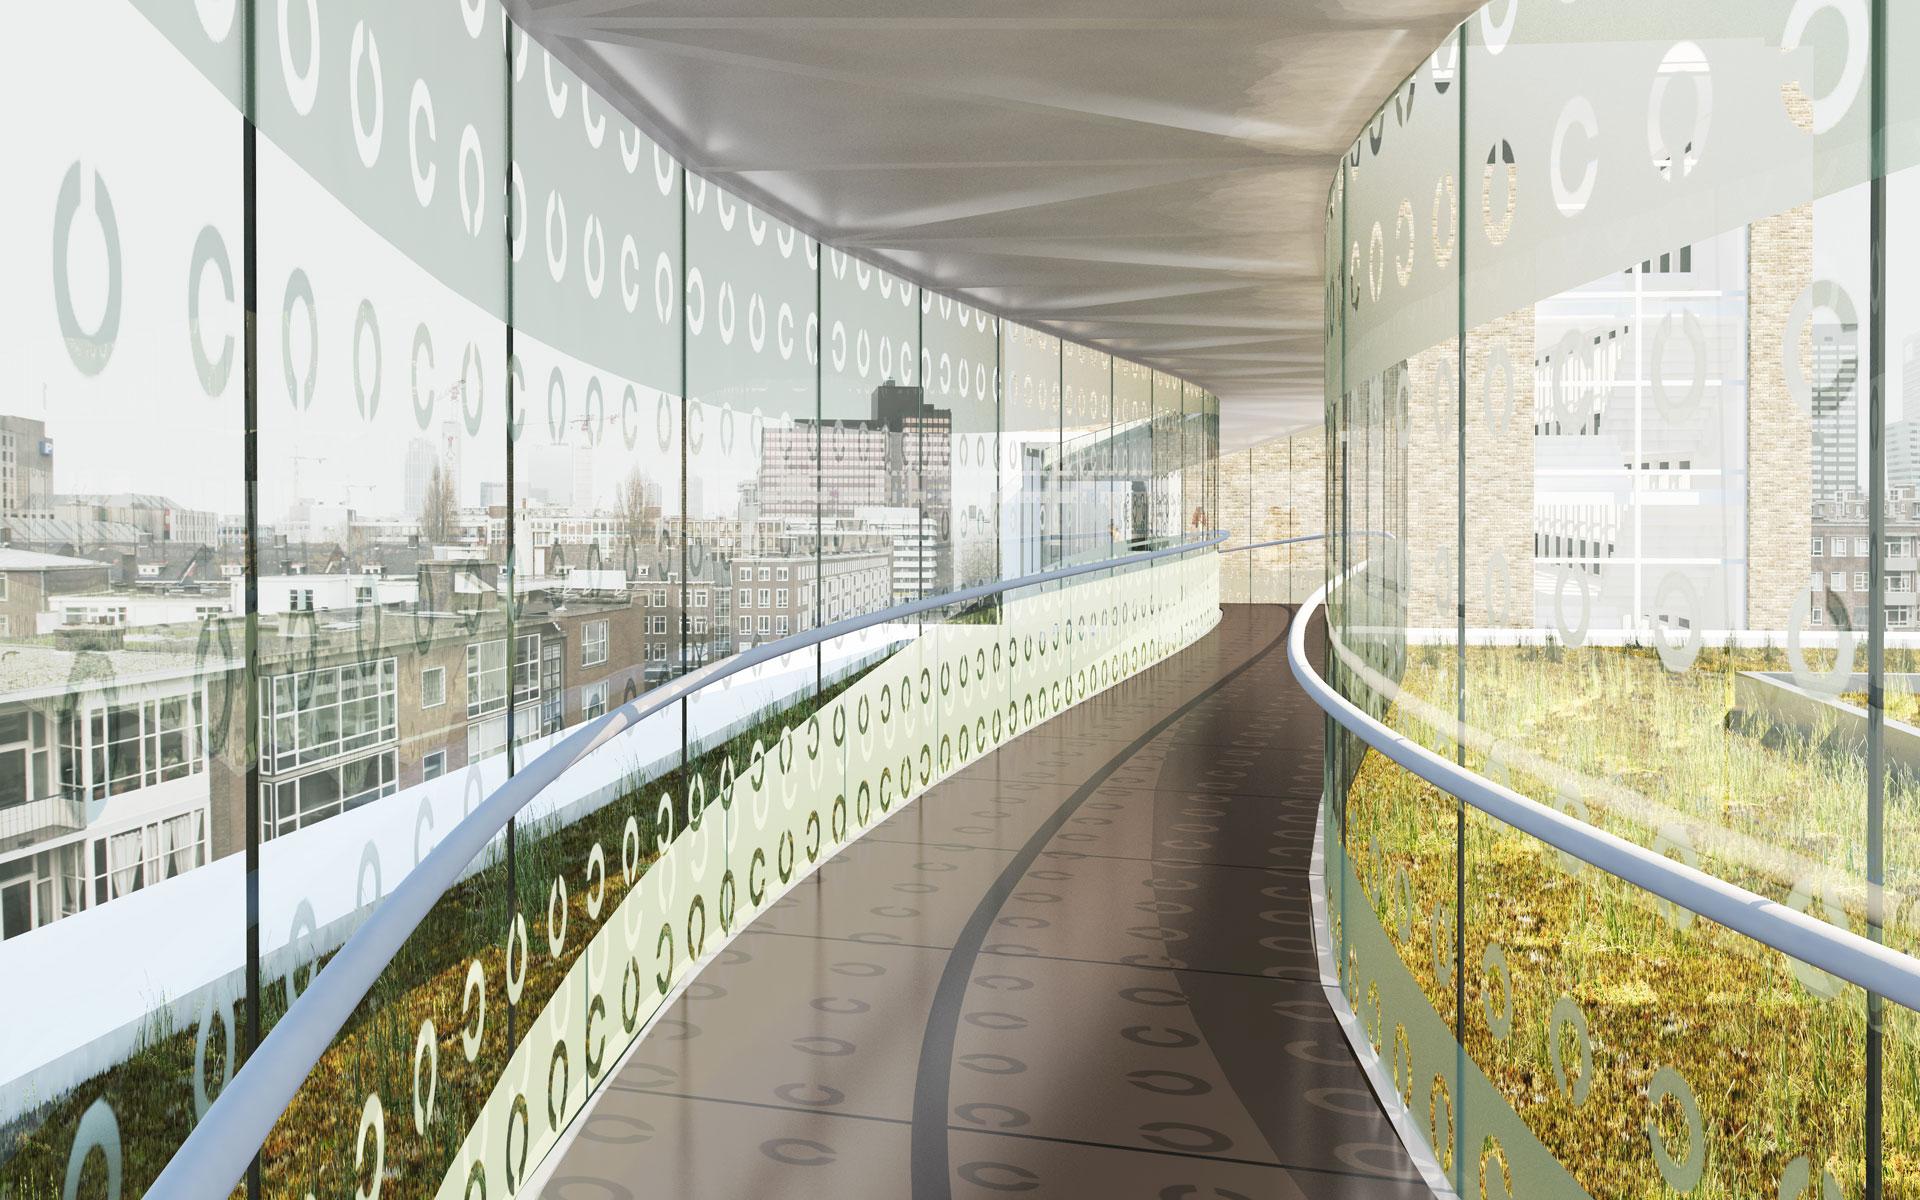 Luchtbrug Oogziekhuis Rotterdam - BINT architecten